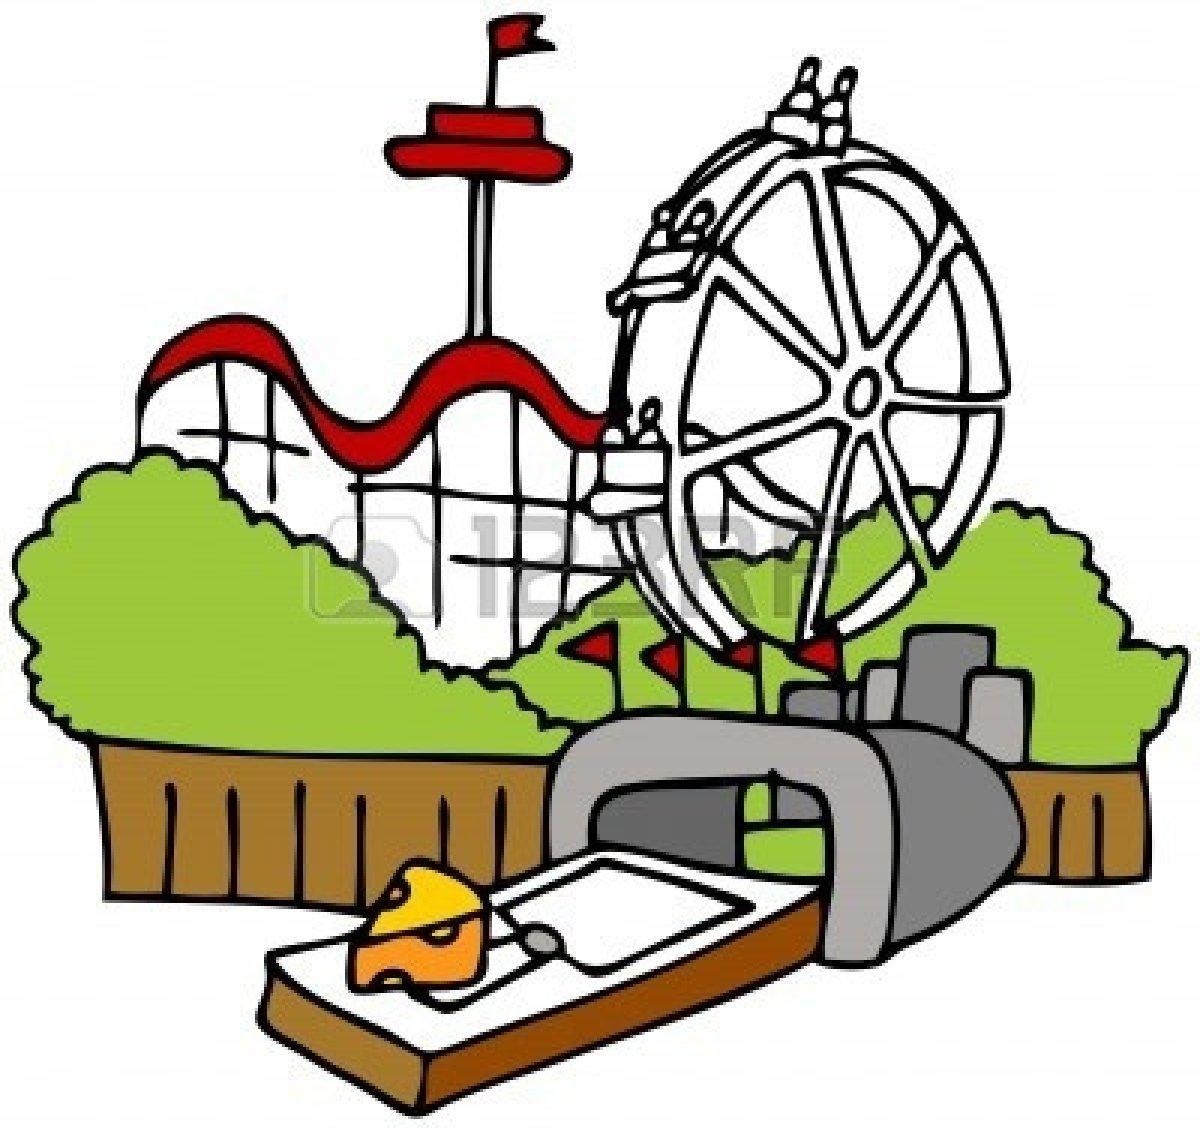 Cartoon Amusement Park Clipar - Amusement Park Clip Art